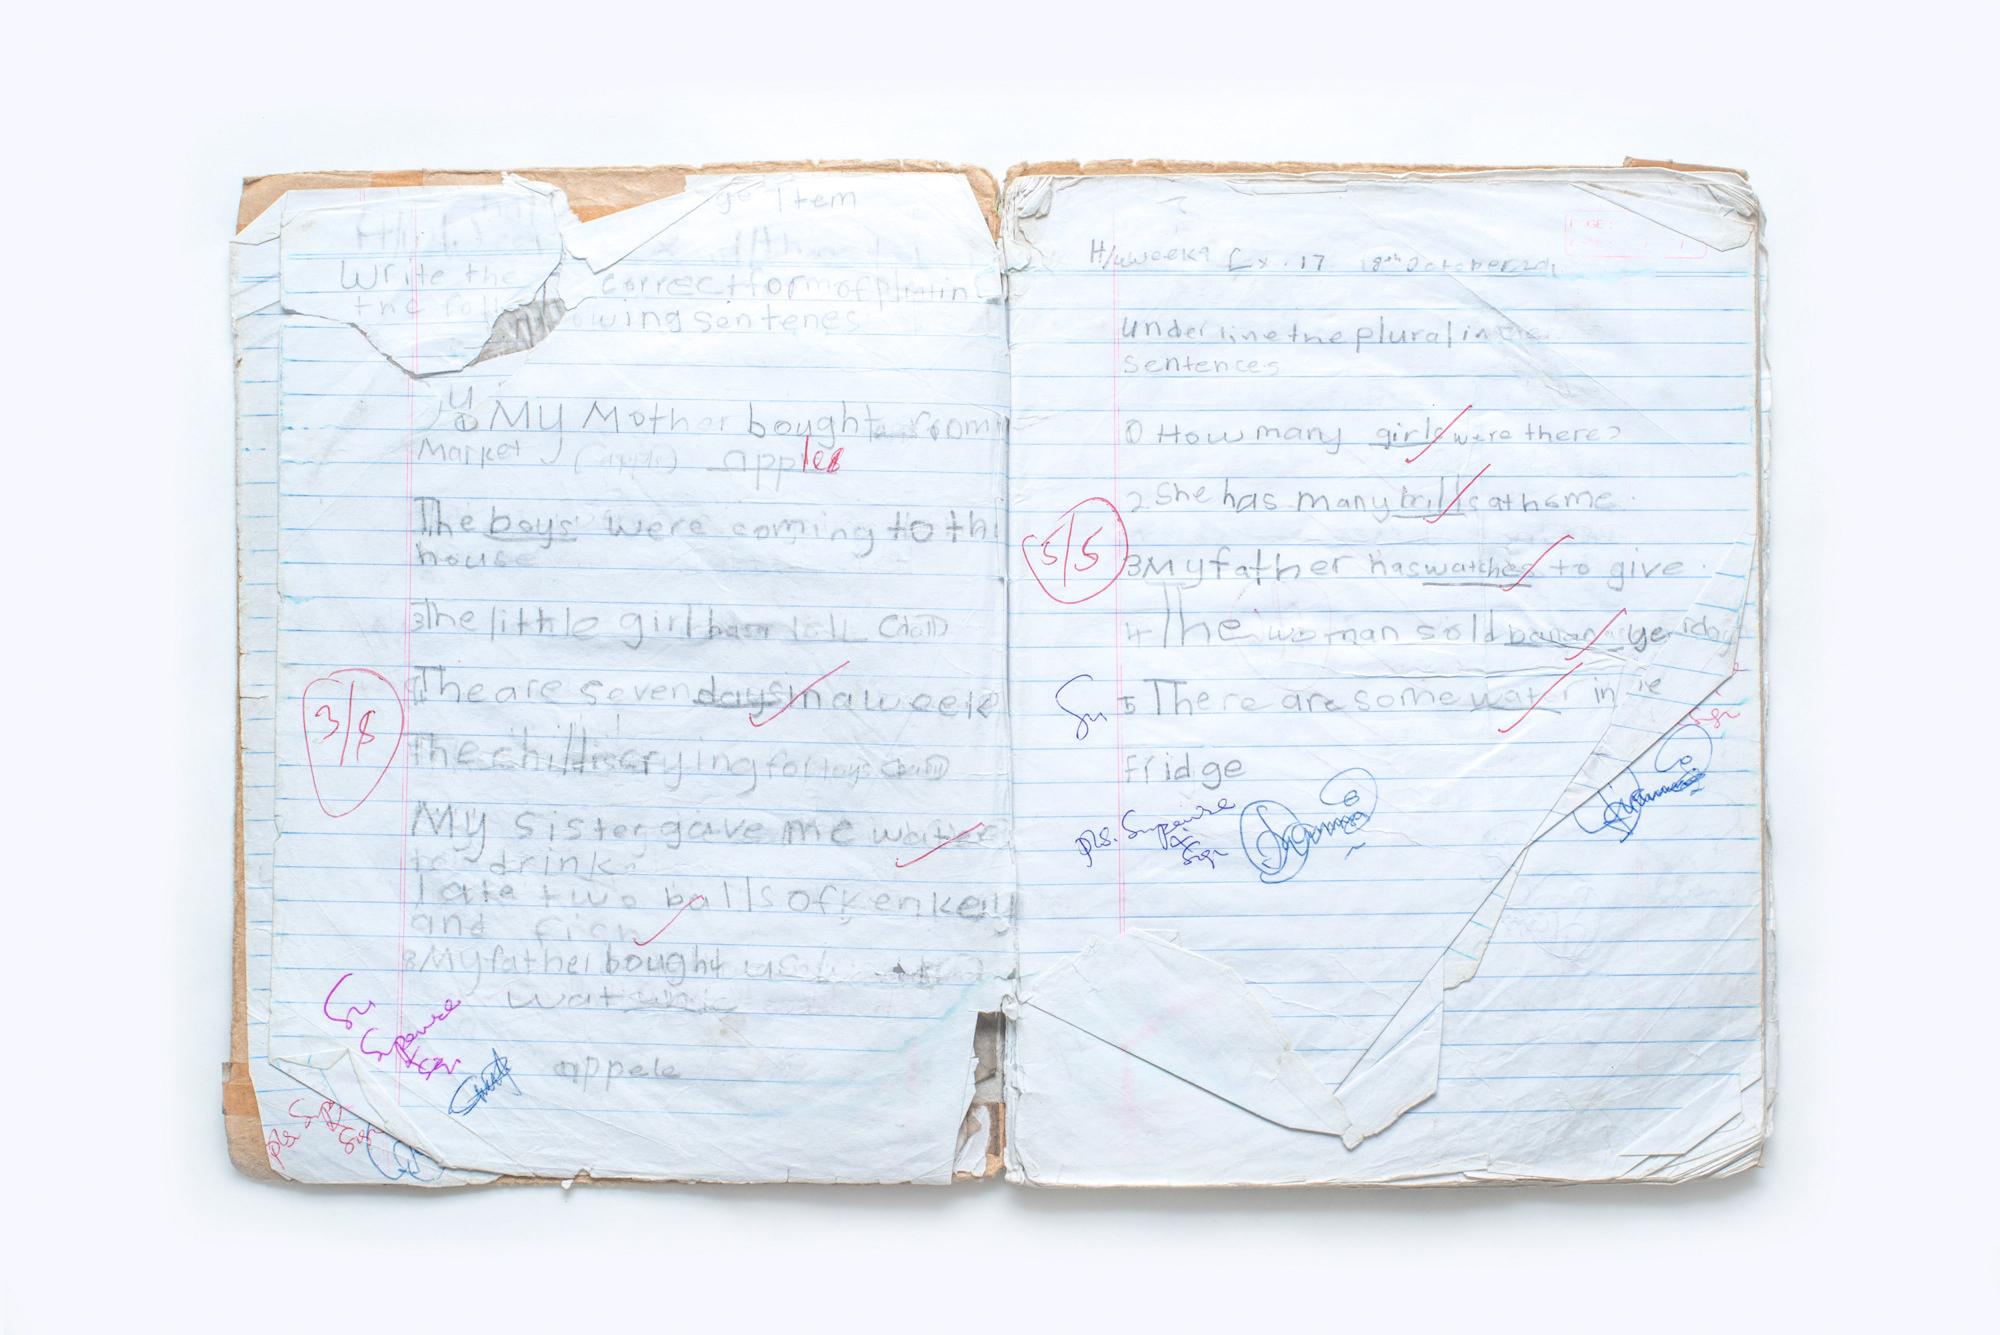 exercisebooks 14